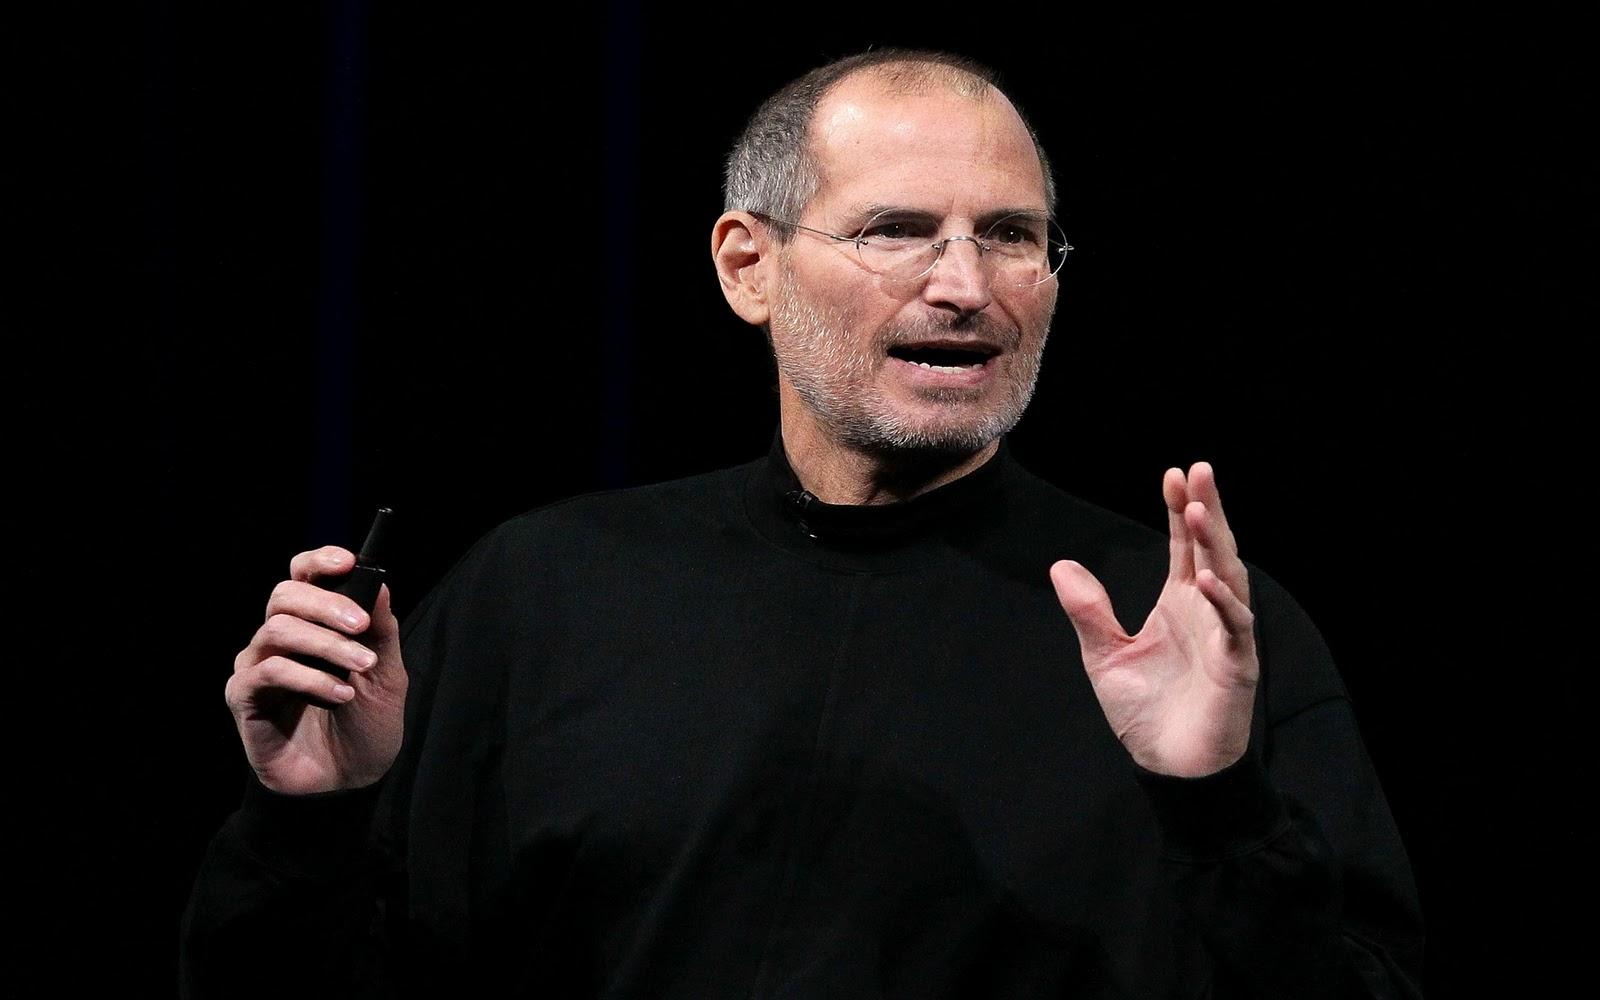 Steve Jobs Wallpaper High Resolution